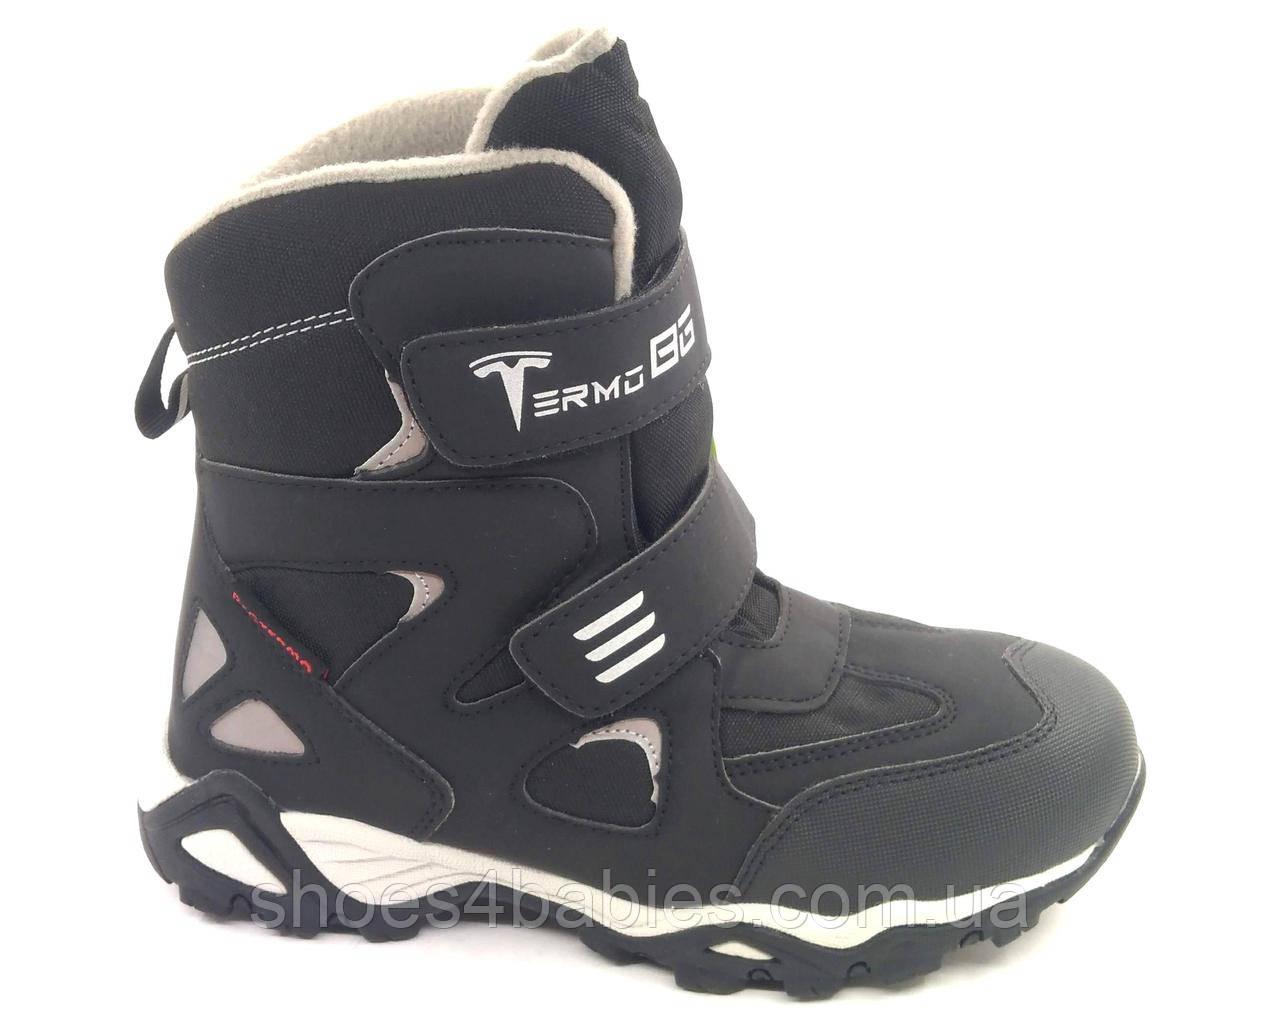 Зимние термо ботинки B&G termo р. 41 - 27,2см, модель 20-108